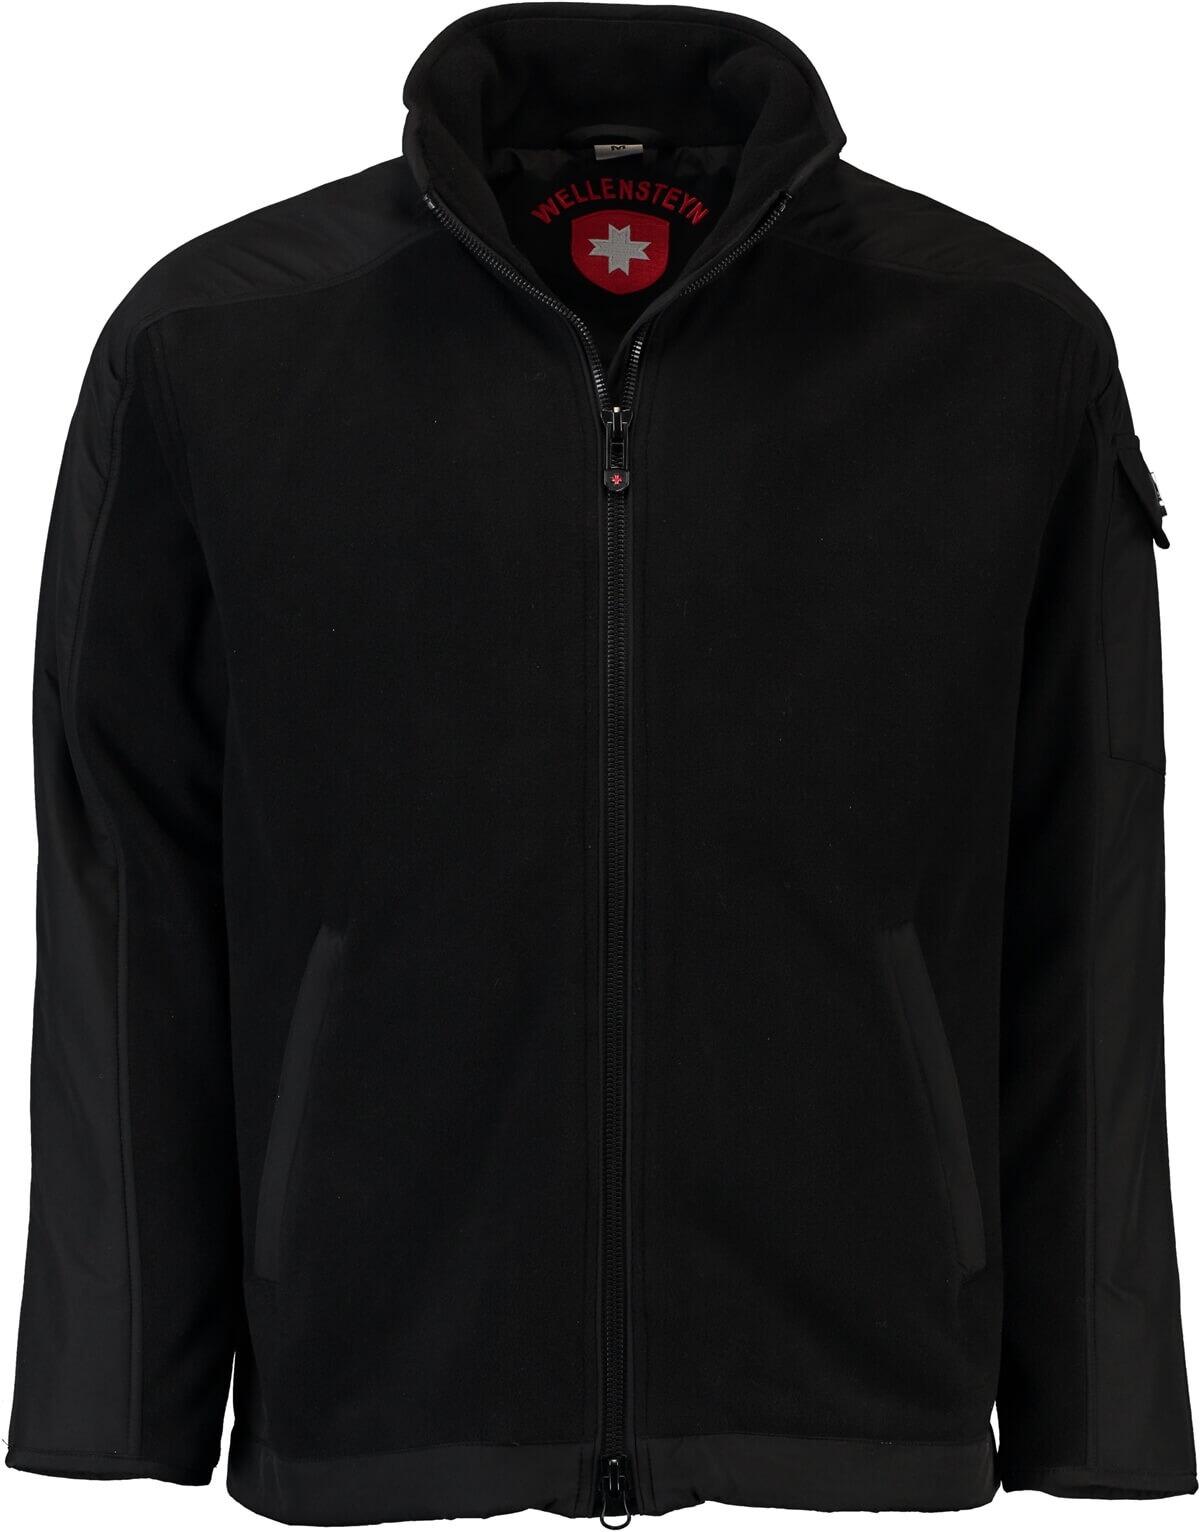 Bestpreis preiswert kaufen suche nach echtem WELLENSTEYN Jet-Fleece-Jacke schwarz